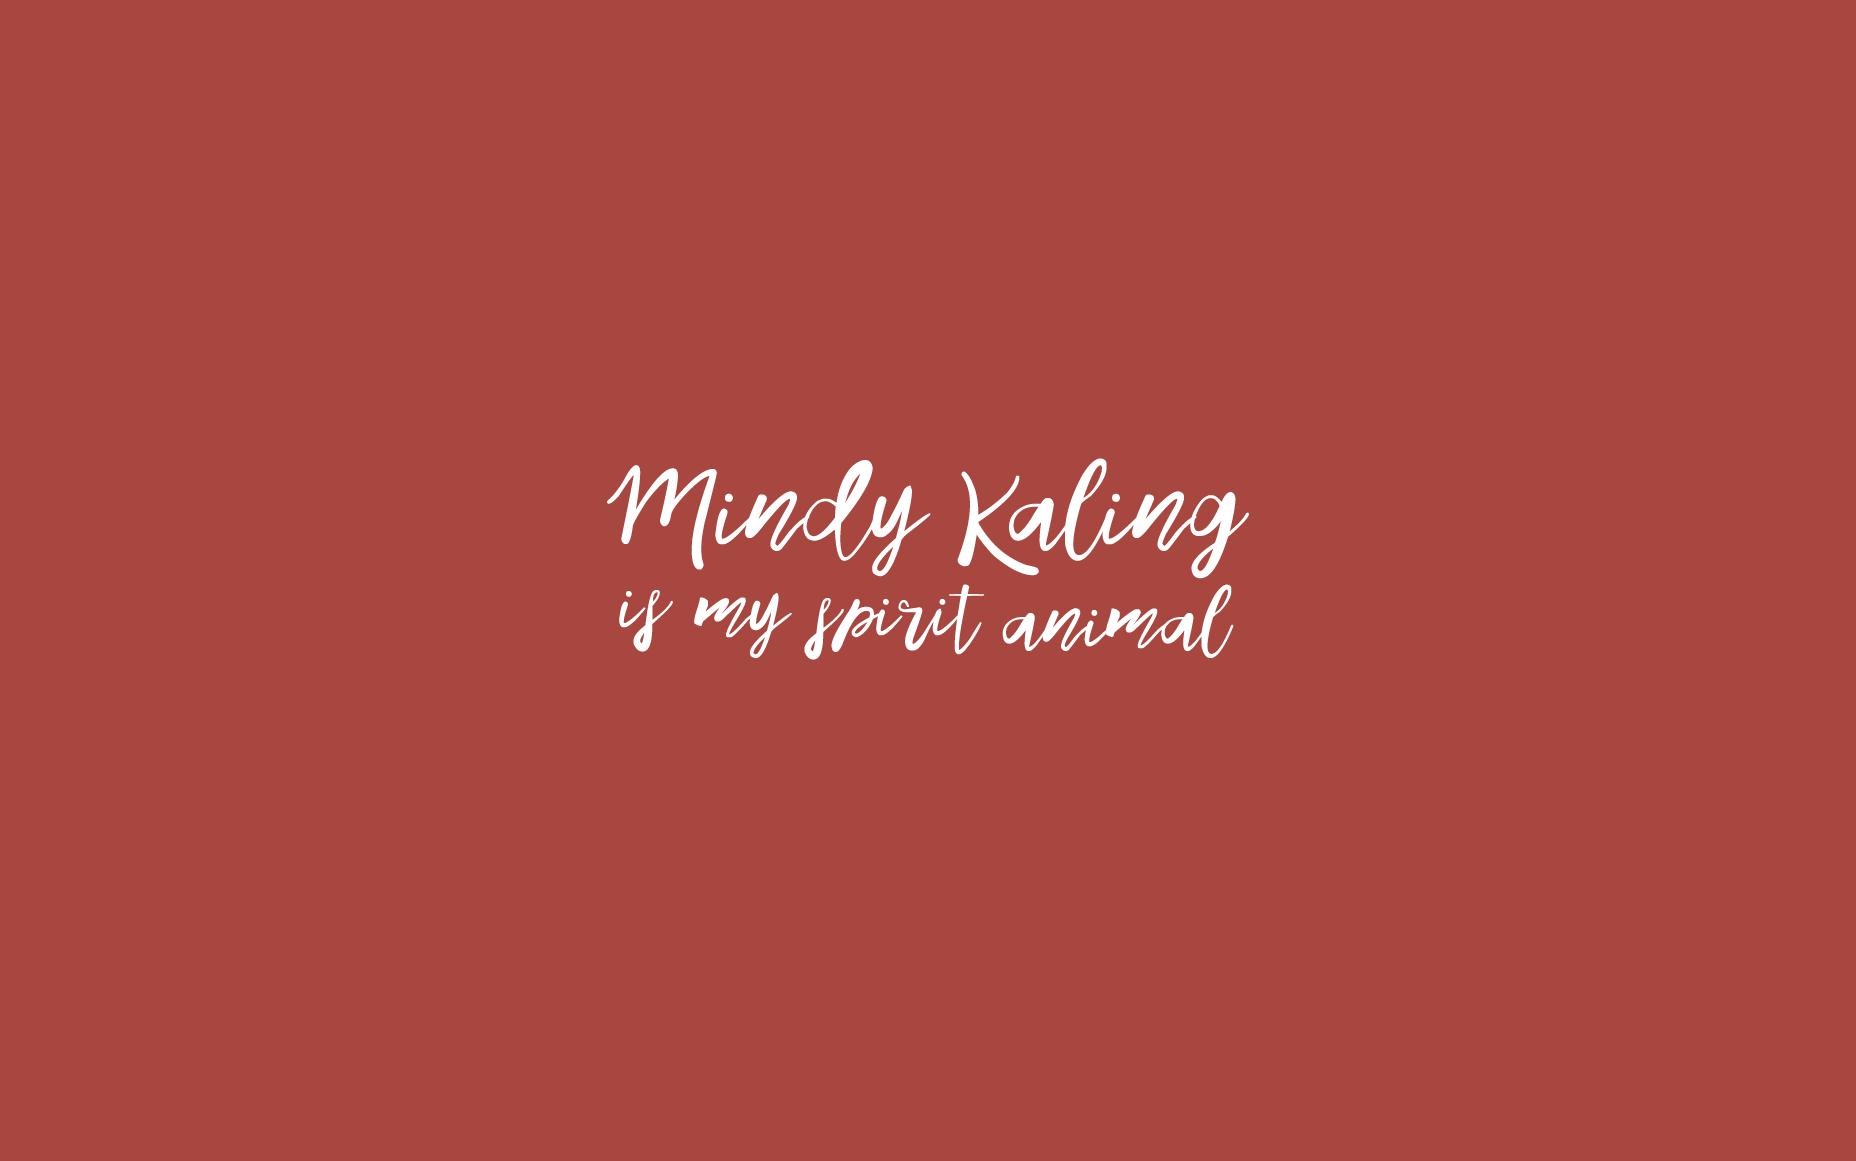 Mindy-Kaling